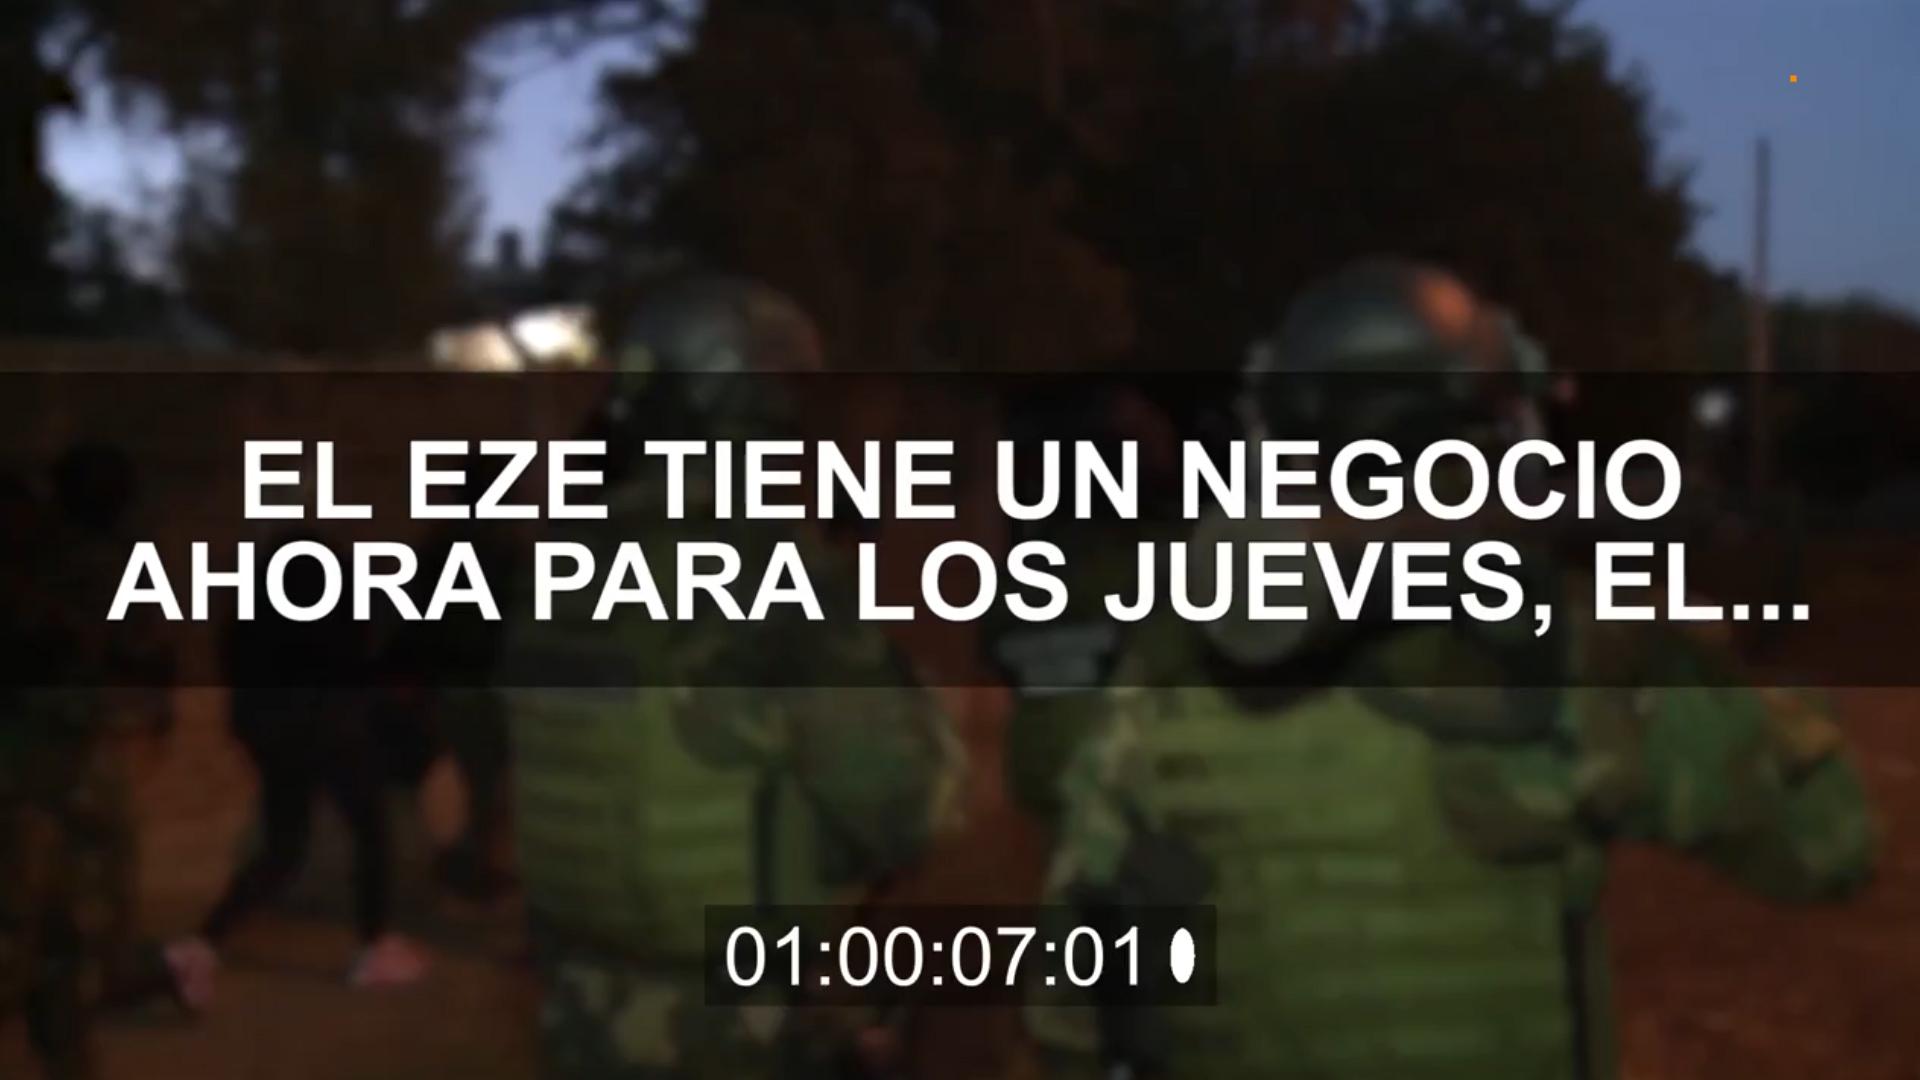 Infobae Intranet Del Copade # Weinstein Muebles Esperanza